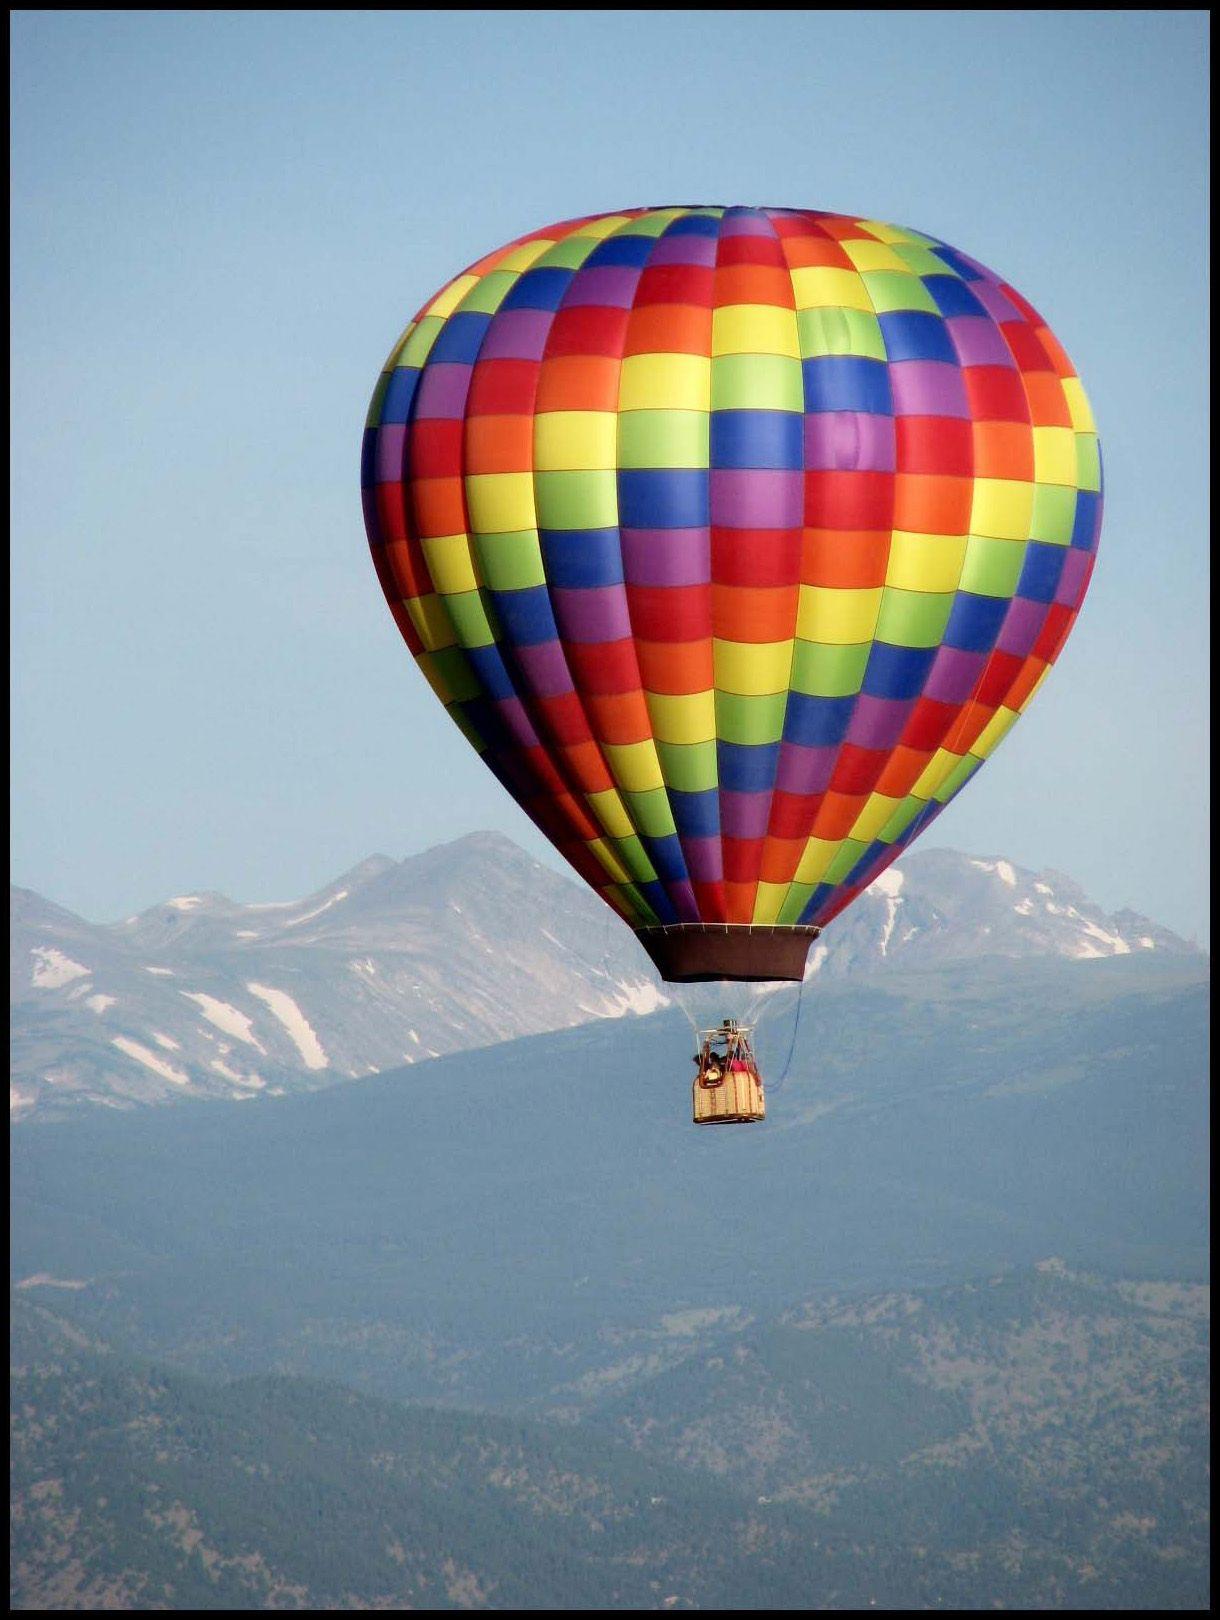 i got to take a ride in an air balloon